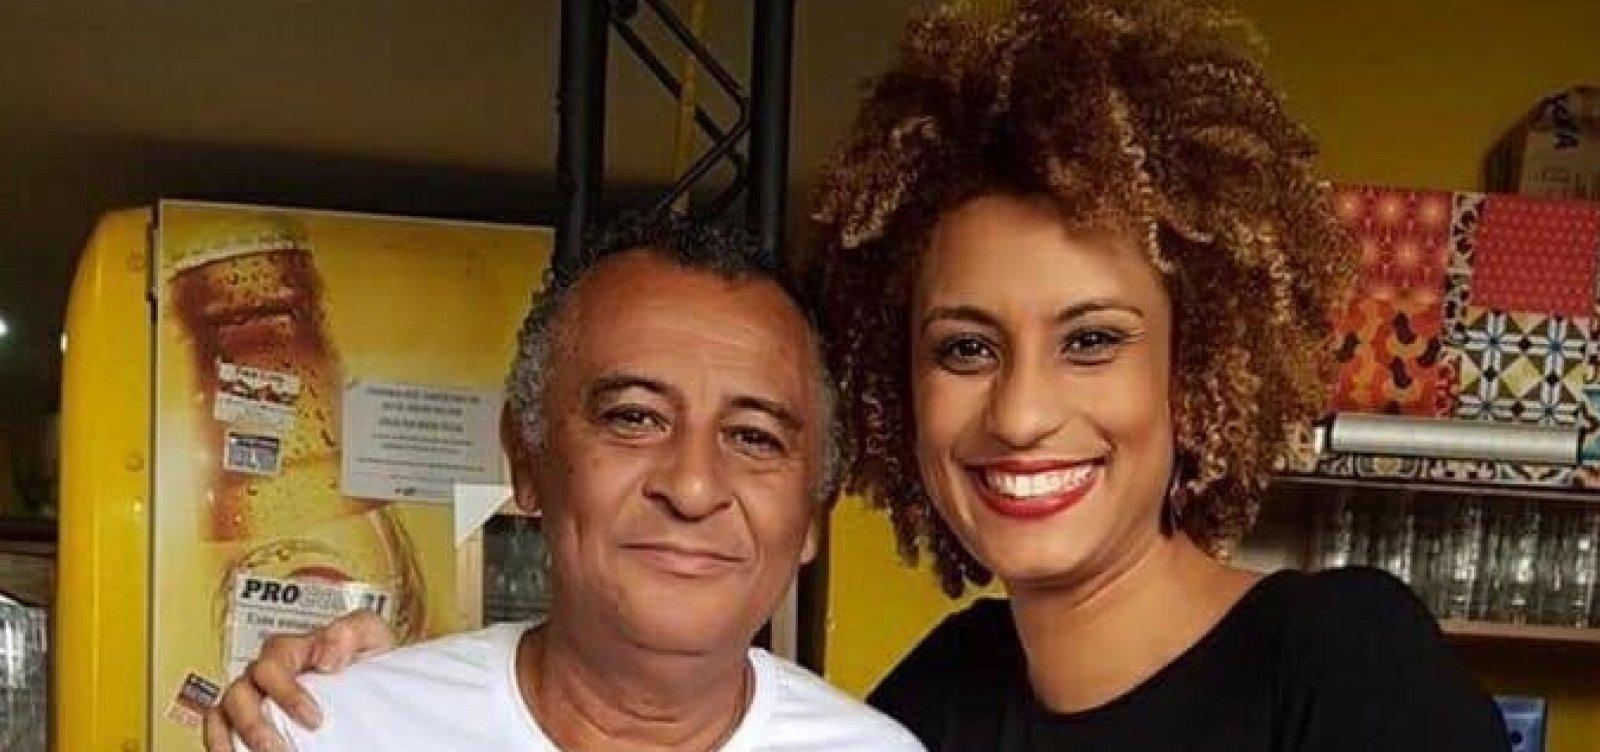 [Pai de Marielle Franco é internado com Covid-19 no Rio ]